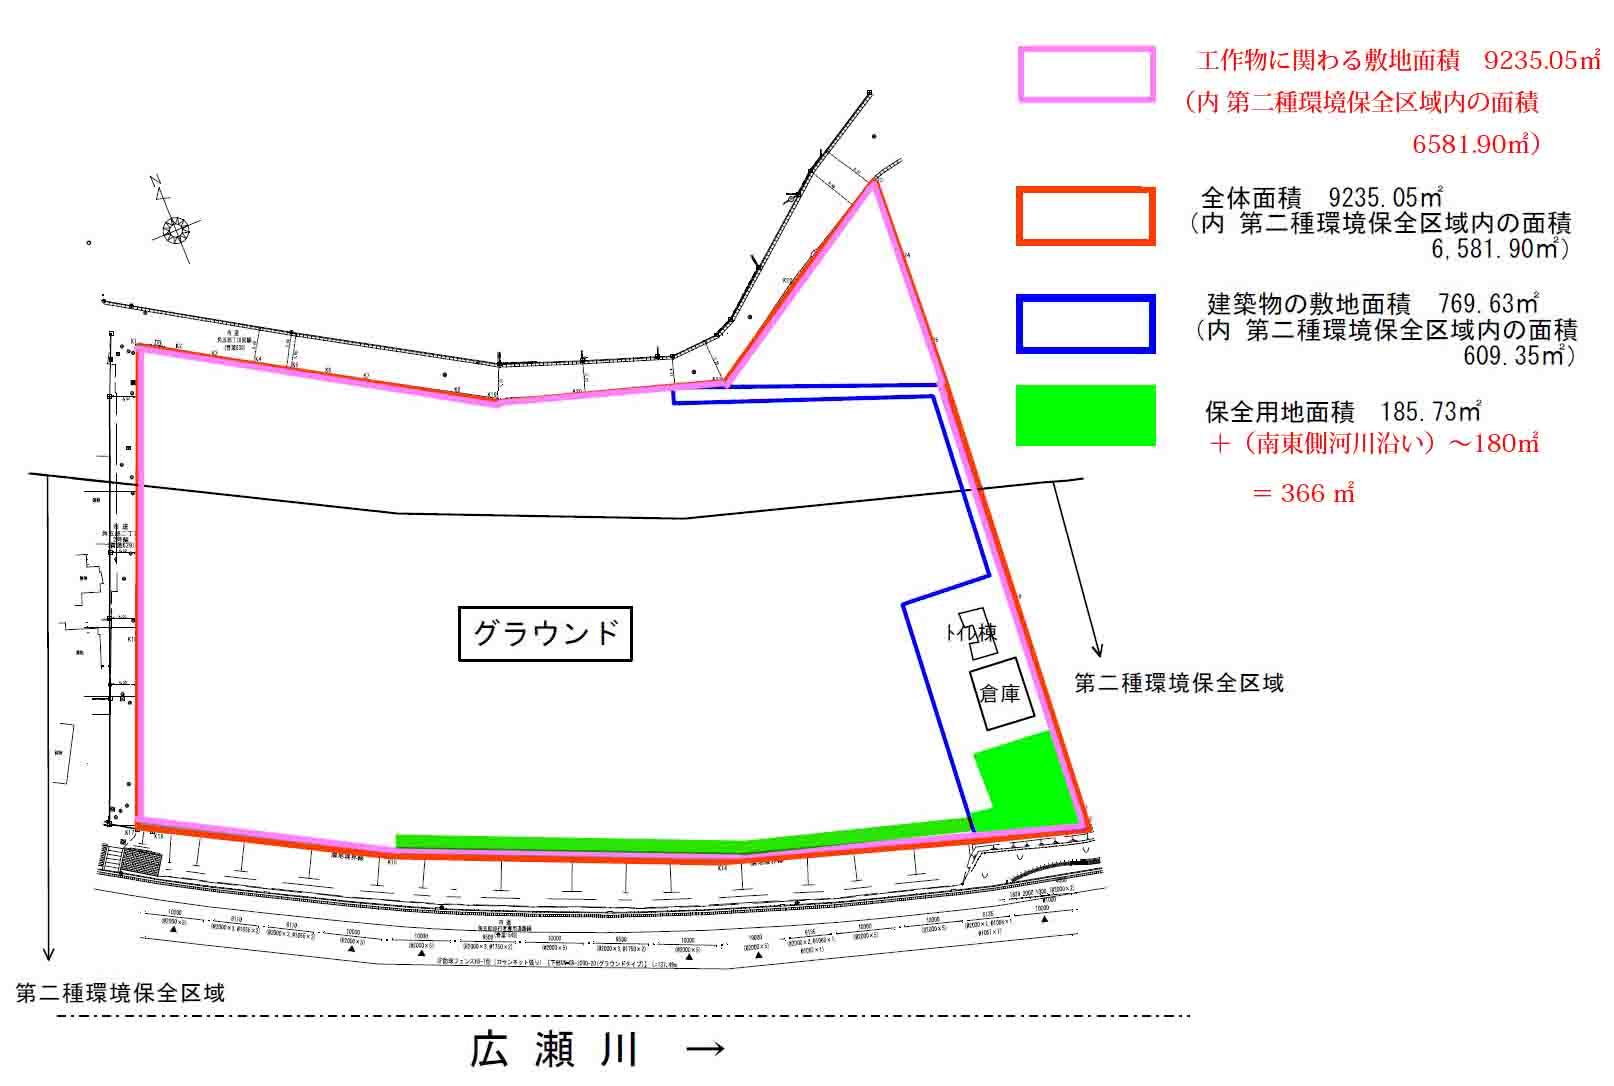 図4 敷地構成図(仙台市に情報開示を求めた資料をもとに作成)